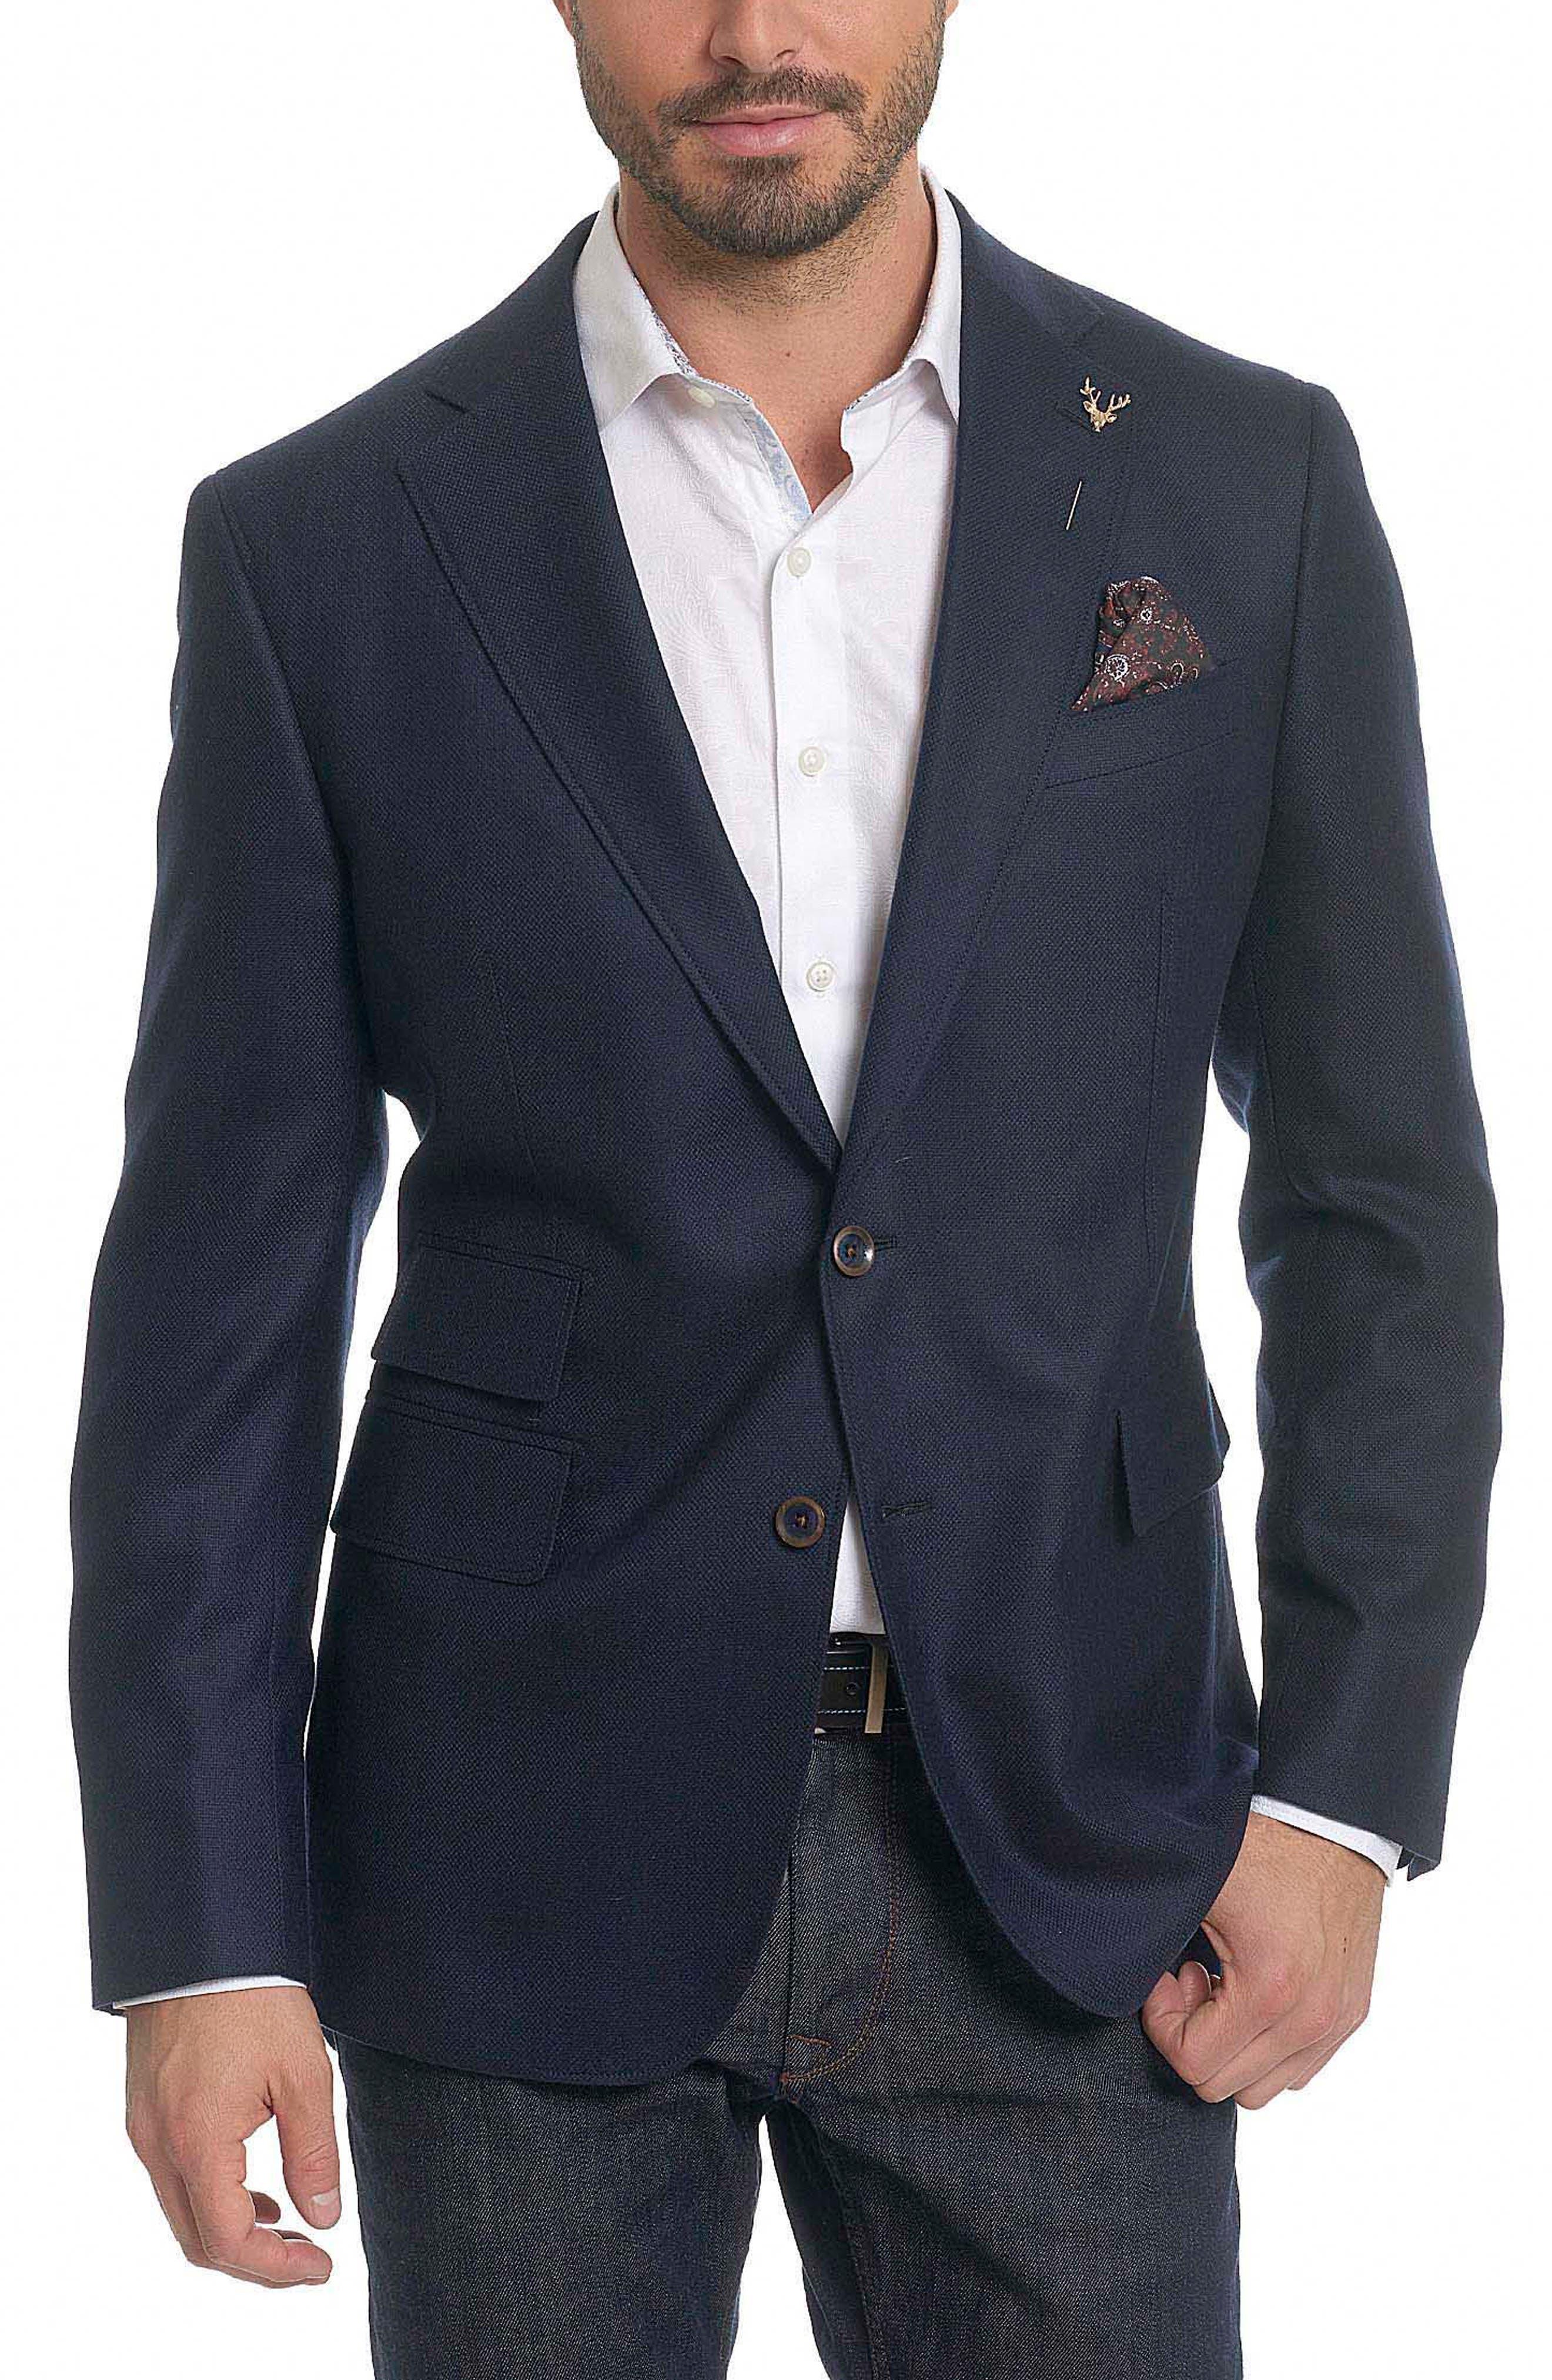 Robert Graham Newburgh Classic Fit Cashmere Sport Coat (Regular & Big)